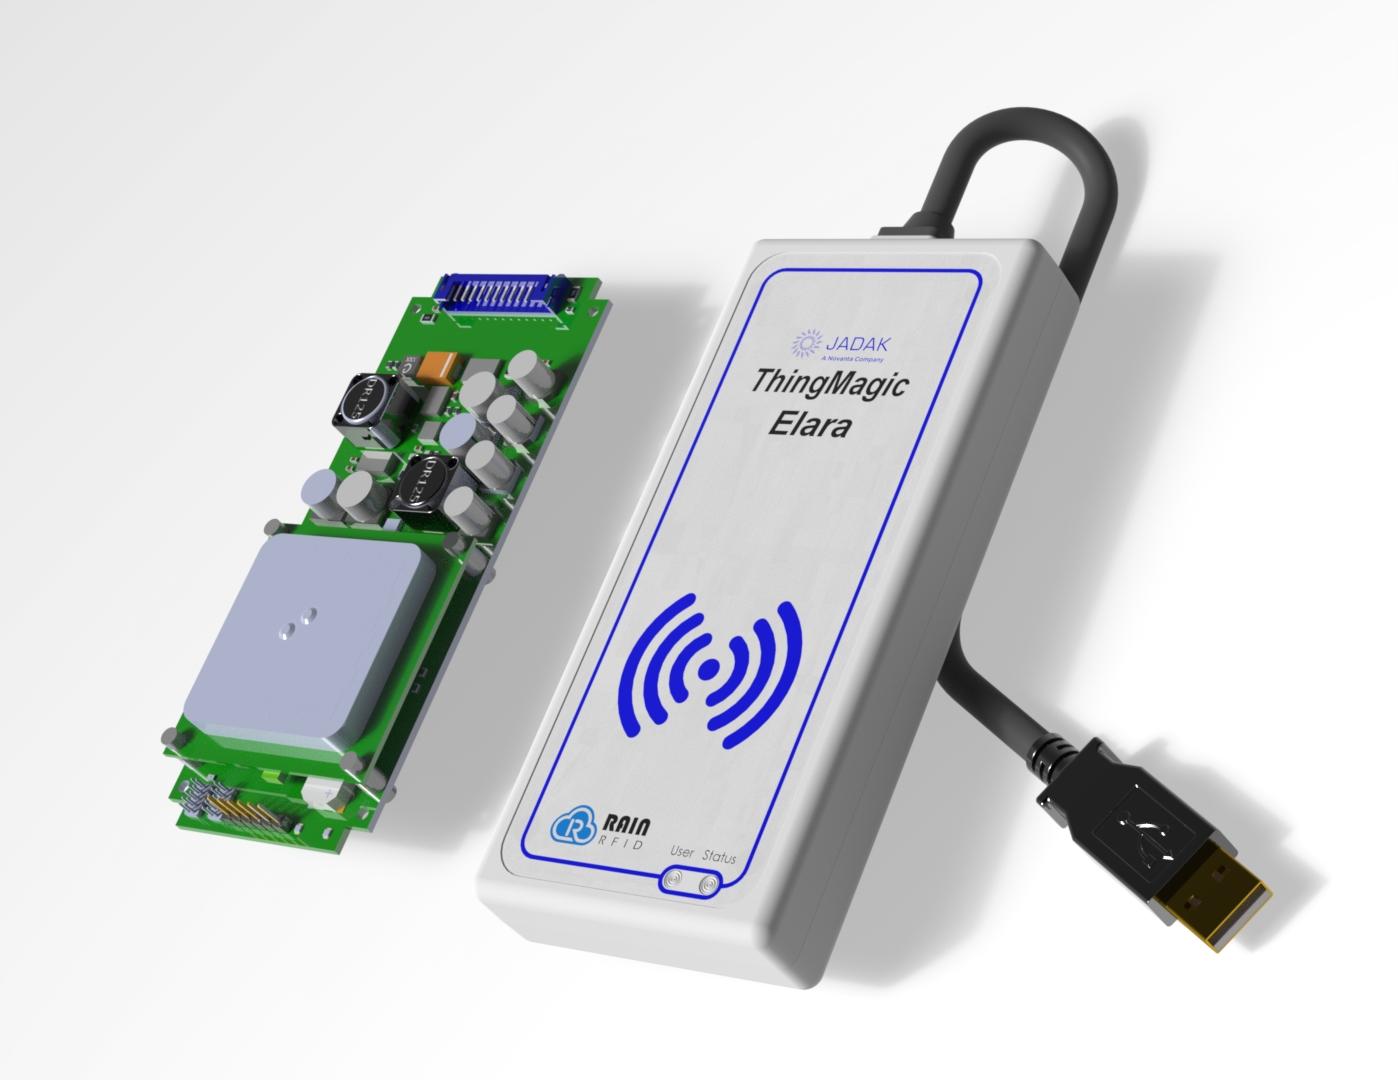 ThingMagic 新产品Elara USB读卡器和EL6e智能模块即将上市